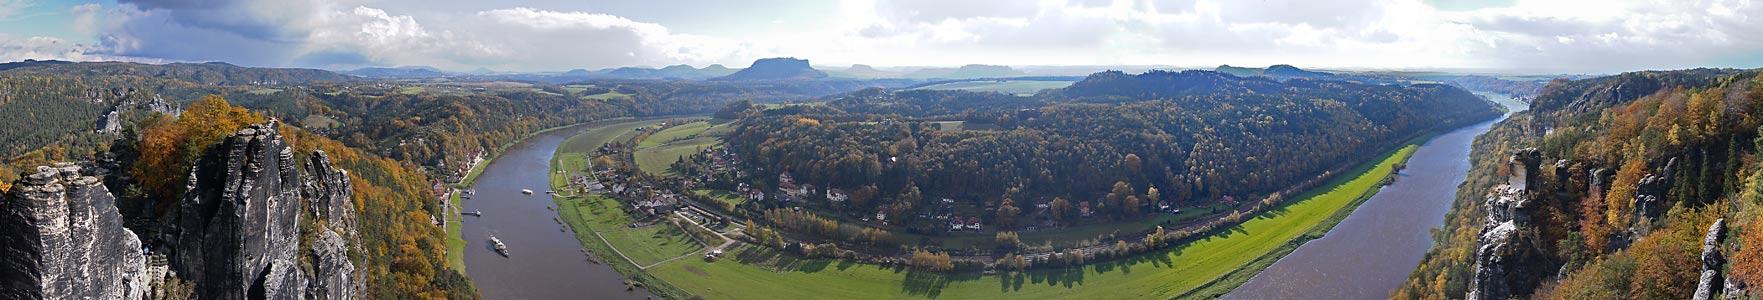 Herbstliches Bastei-Halbrund